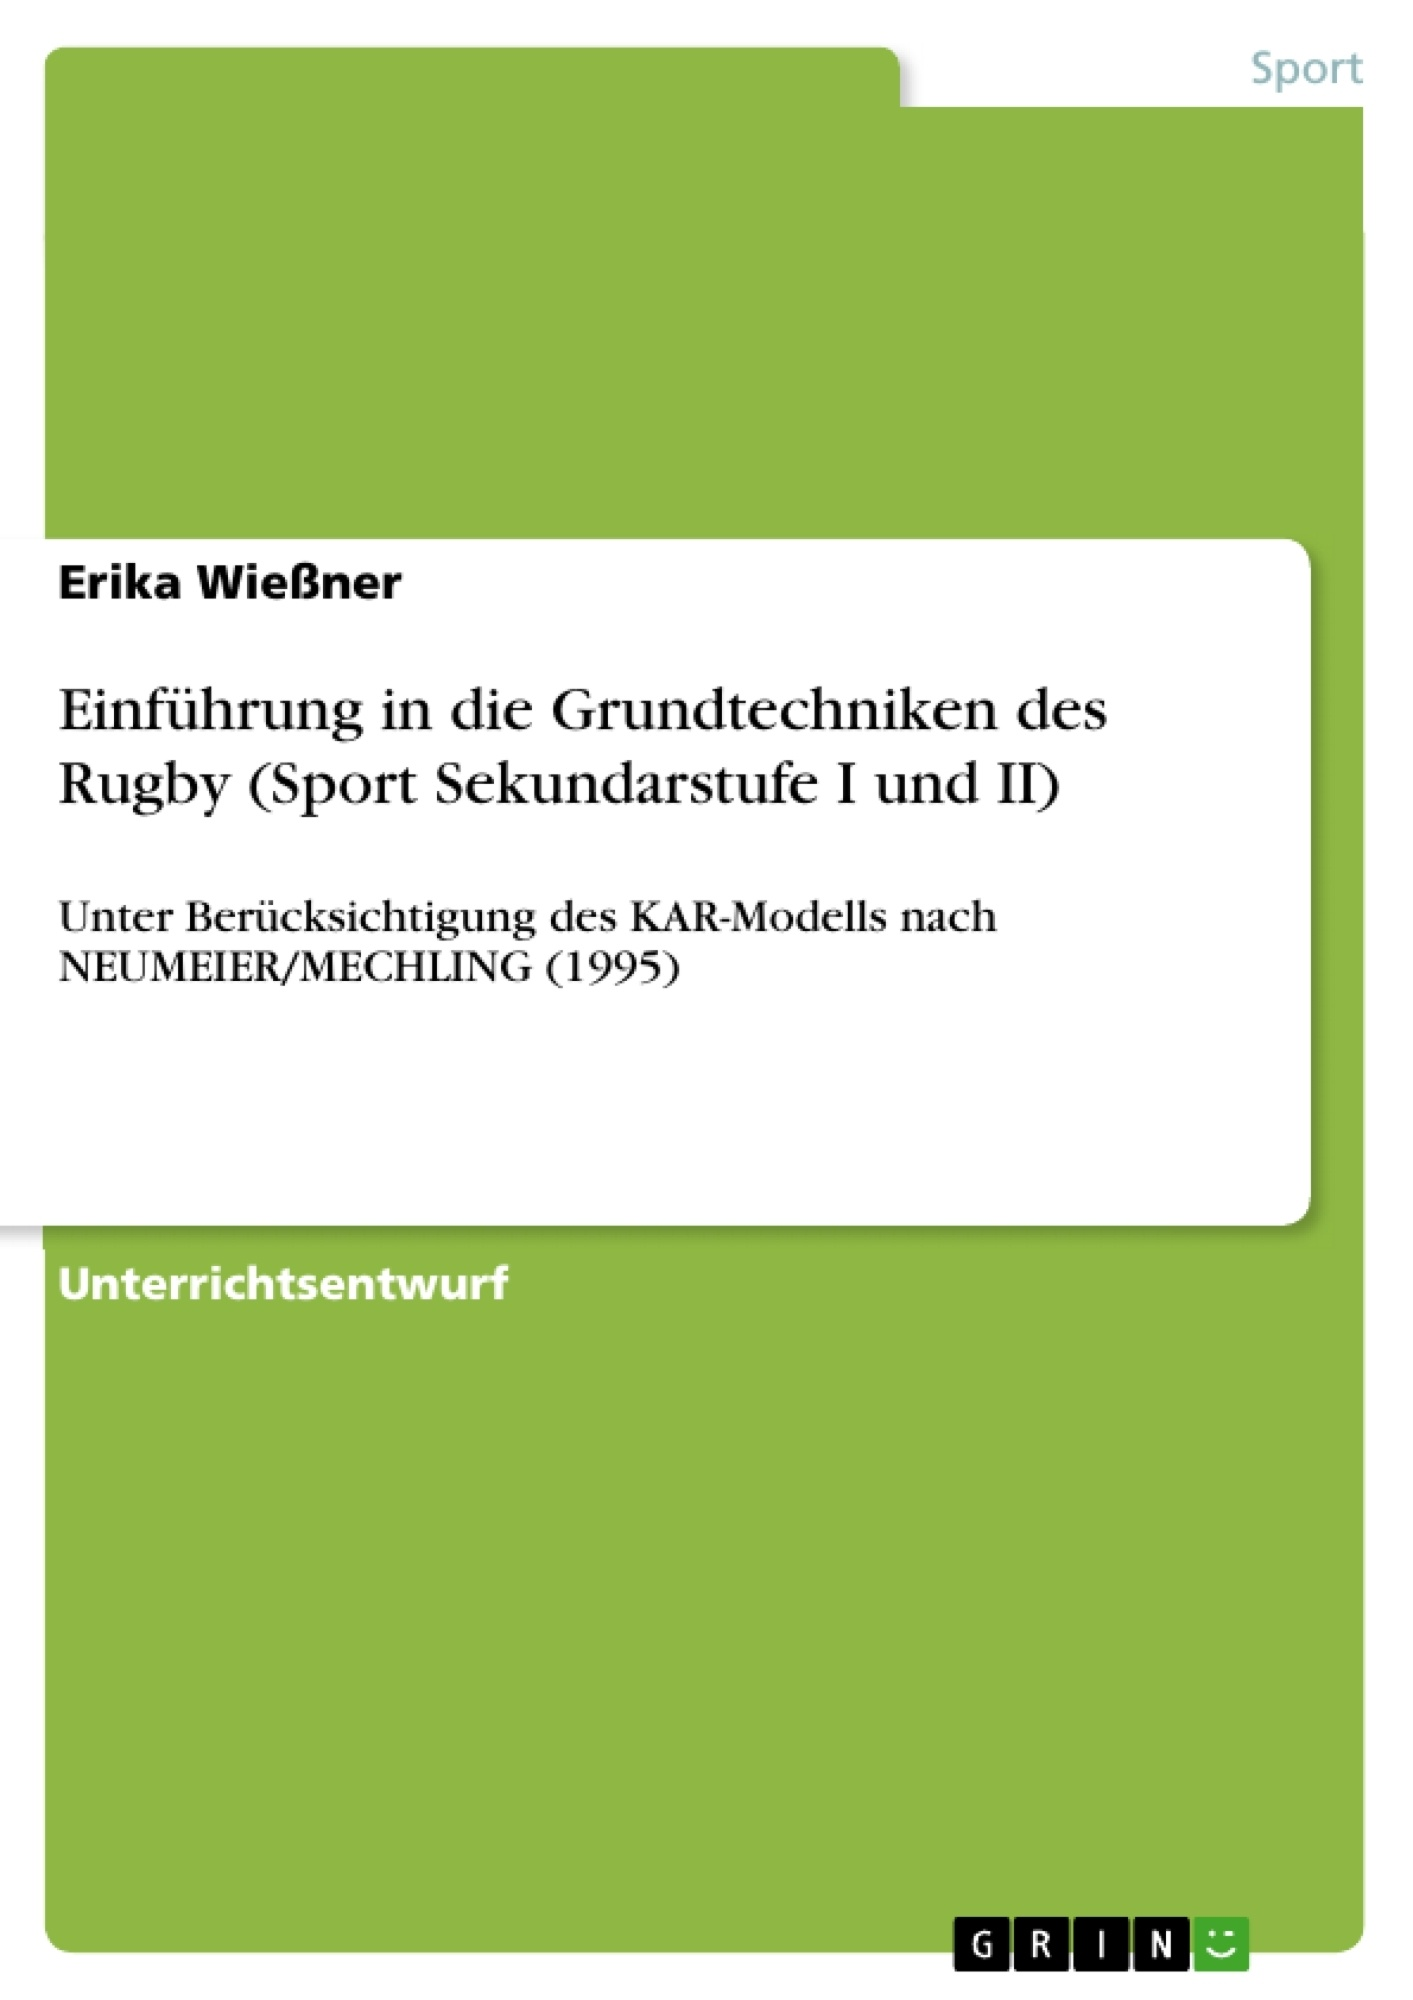 Titel: Einführung in die Grundtechniken des Rugby (Sport Sekundarstufe I und II)